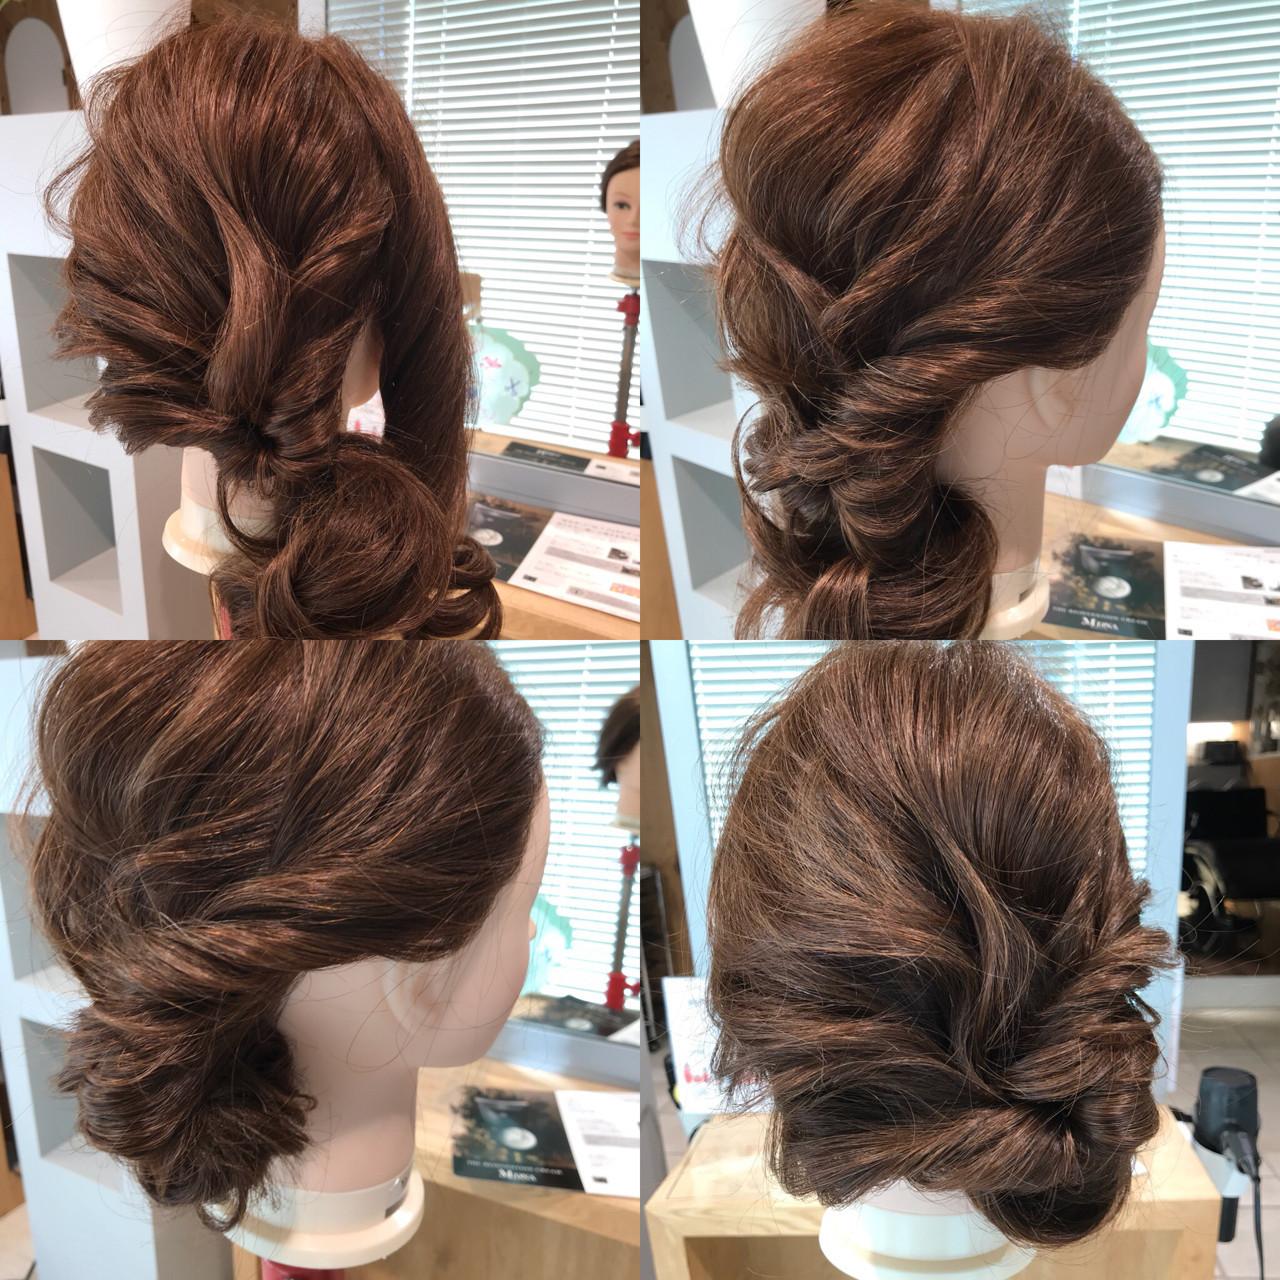 結婚式もOK!パーティにもいける華やかアレンジ YASU | hair salon M.plus ヨツバコ店 (ヘアーサロン エムプラス)